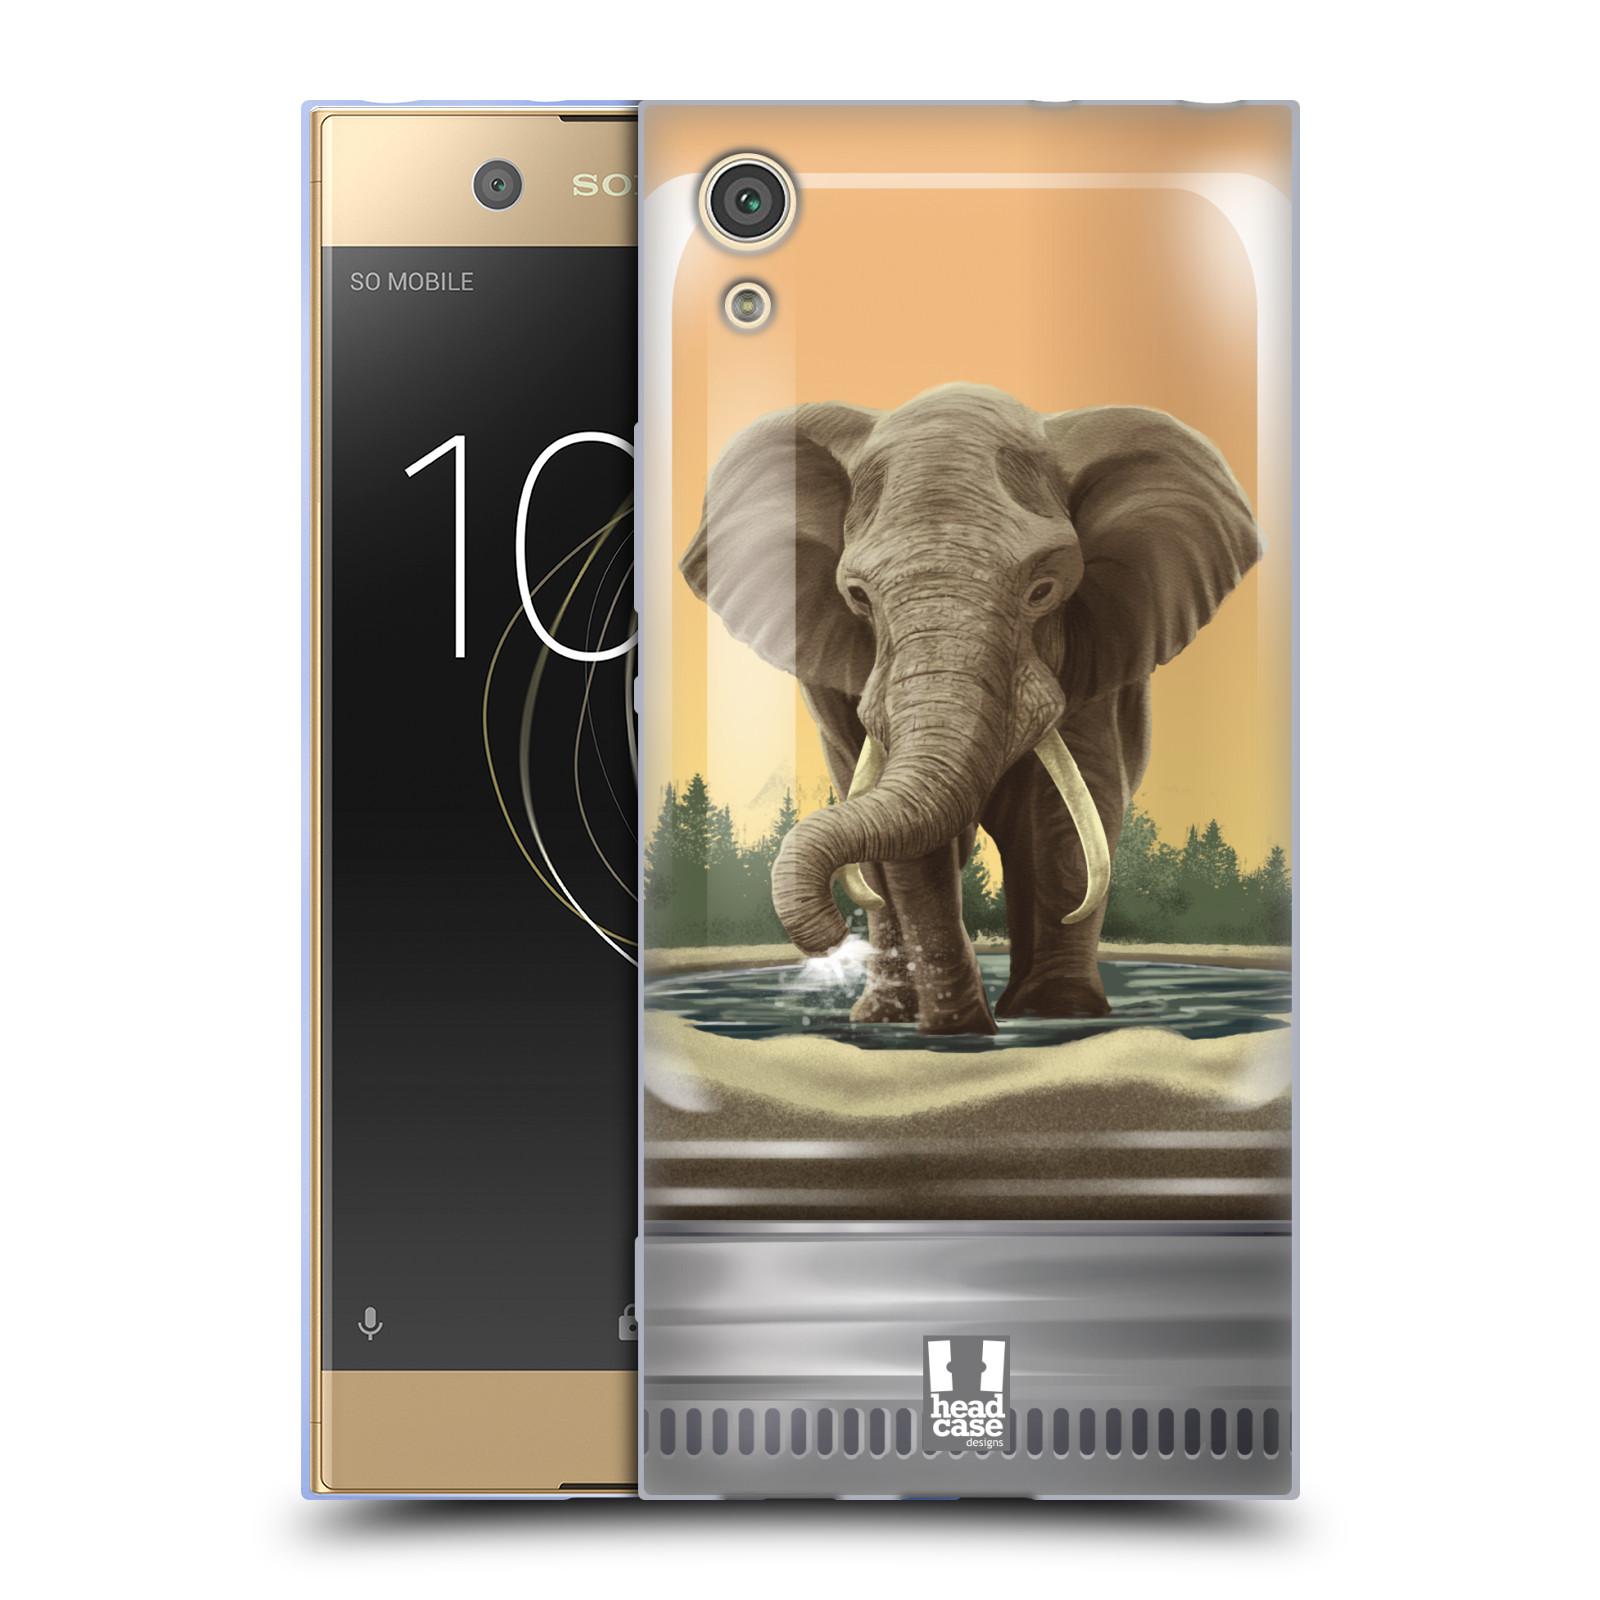 HEAD CASE silikonový obal na mobil Sony Xperia XA1 / XA1 DUAL SIM vzor Zvířátka v těžítku slon